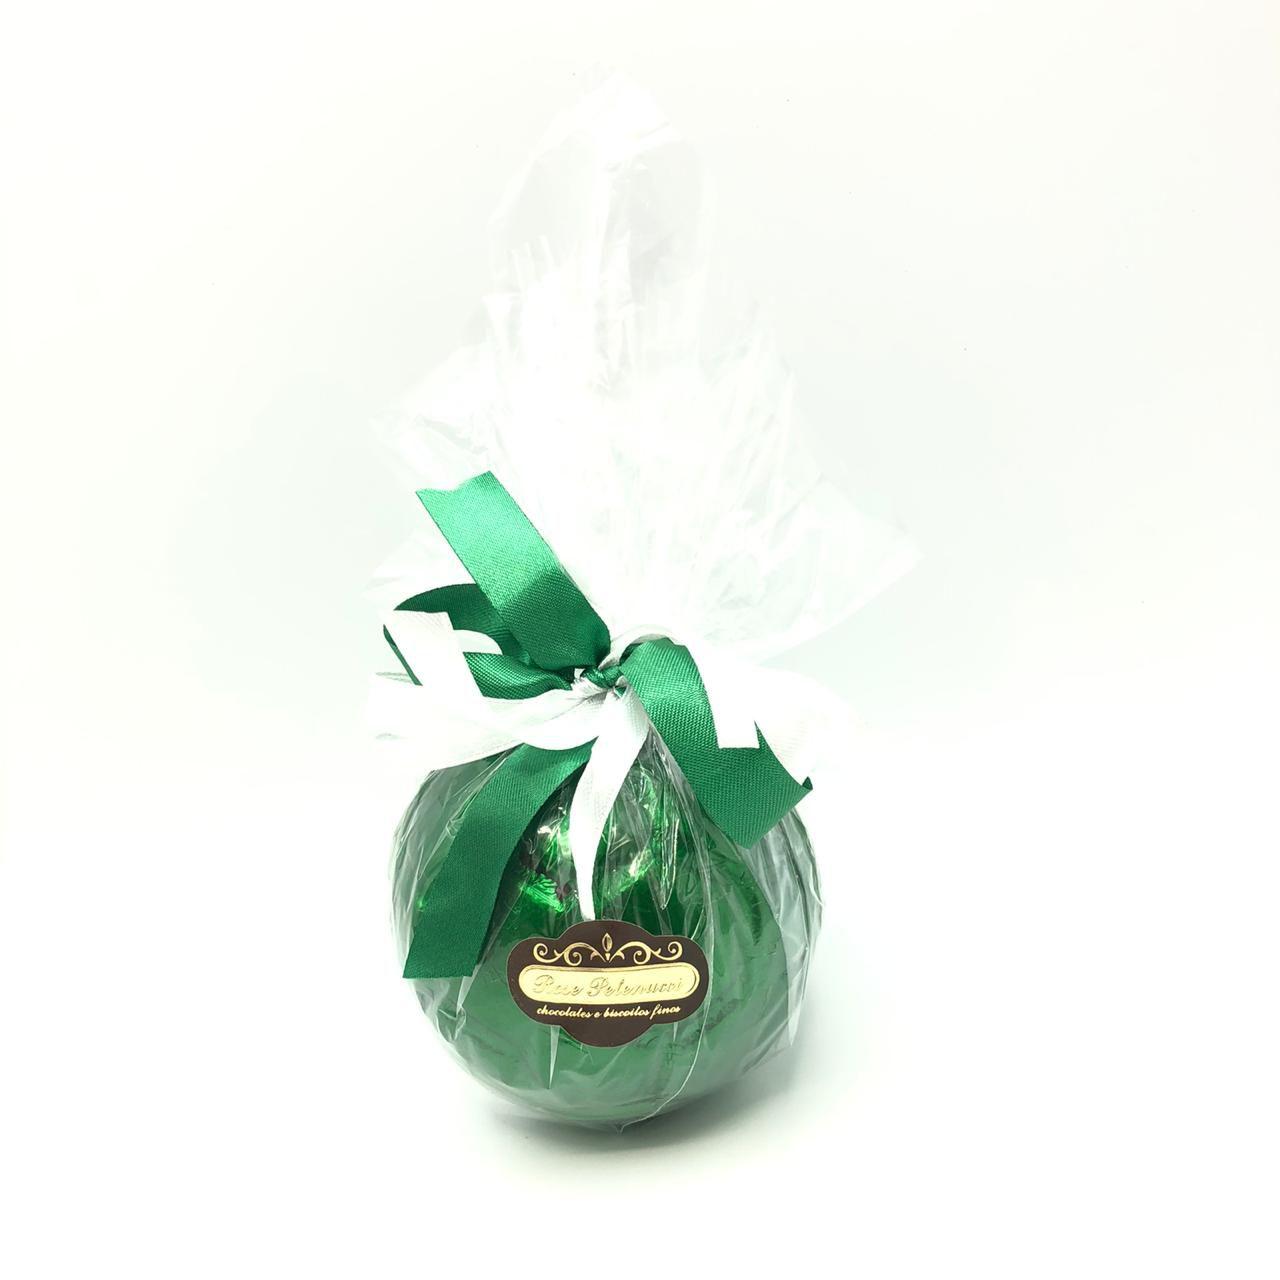 Bola de futebol de chocolate ao leite M - Verde